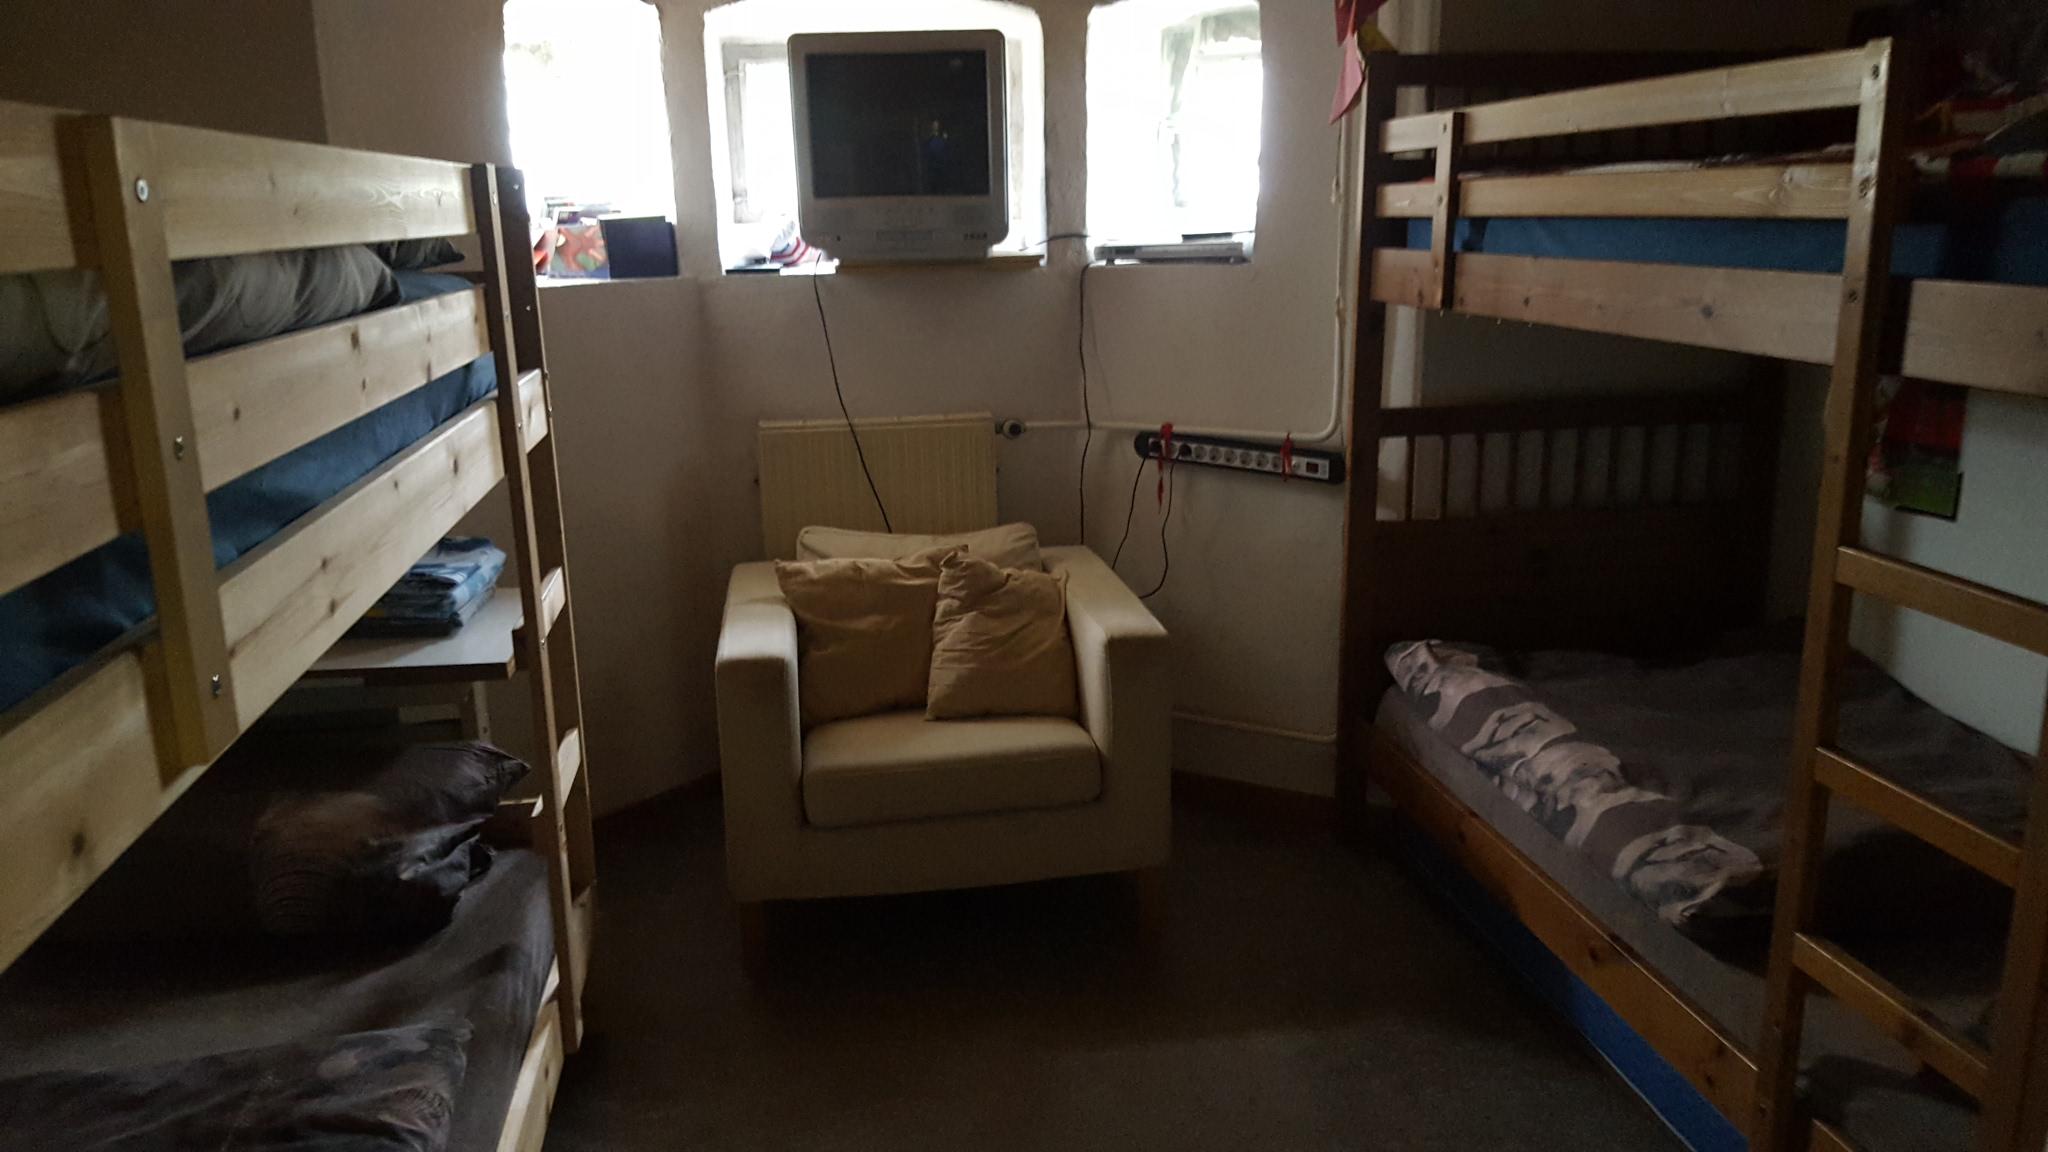 kinderslaapkamer 4 slaapplaatsen